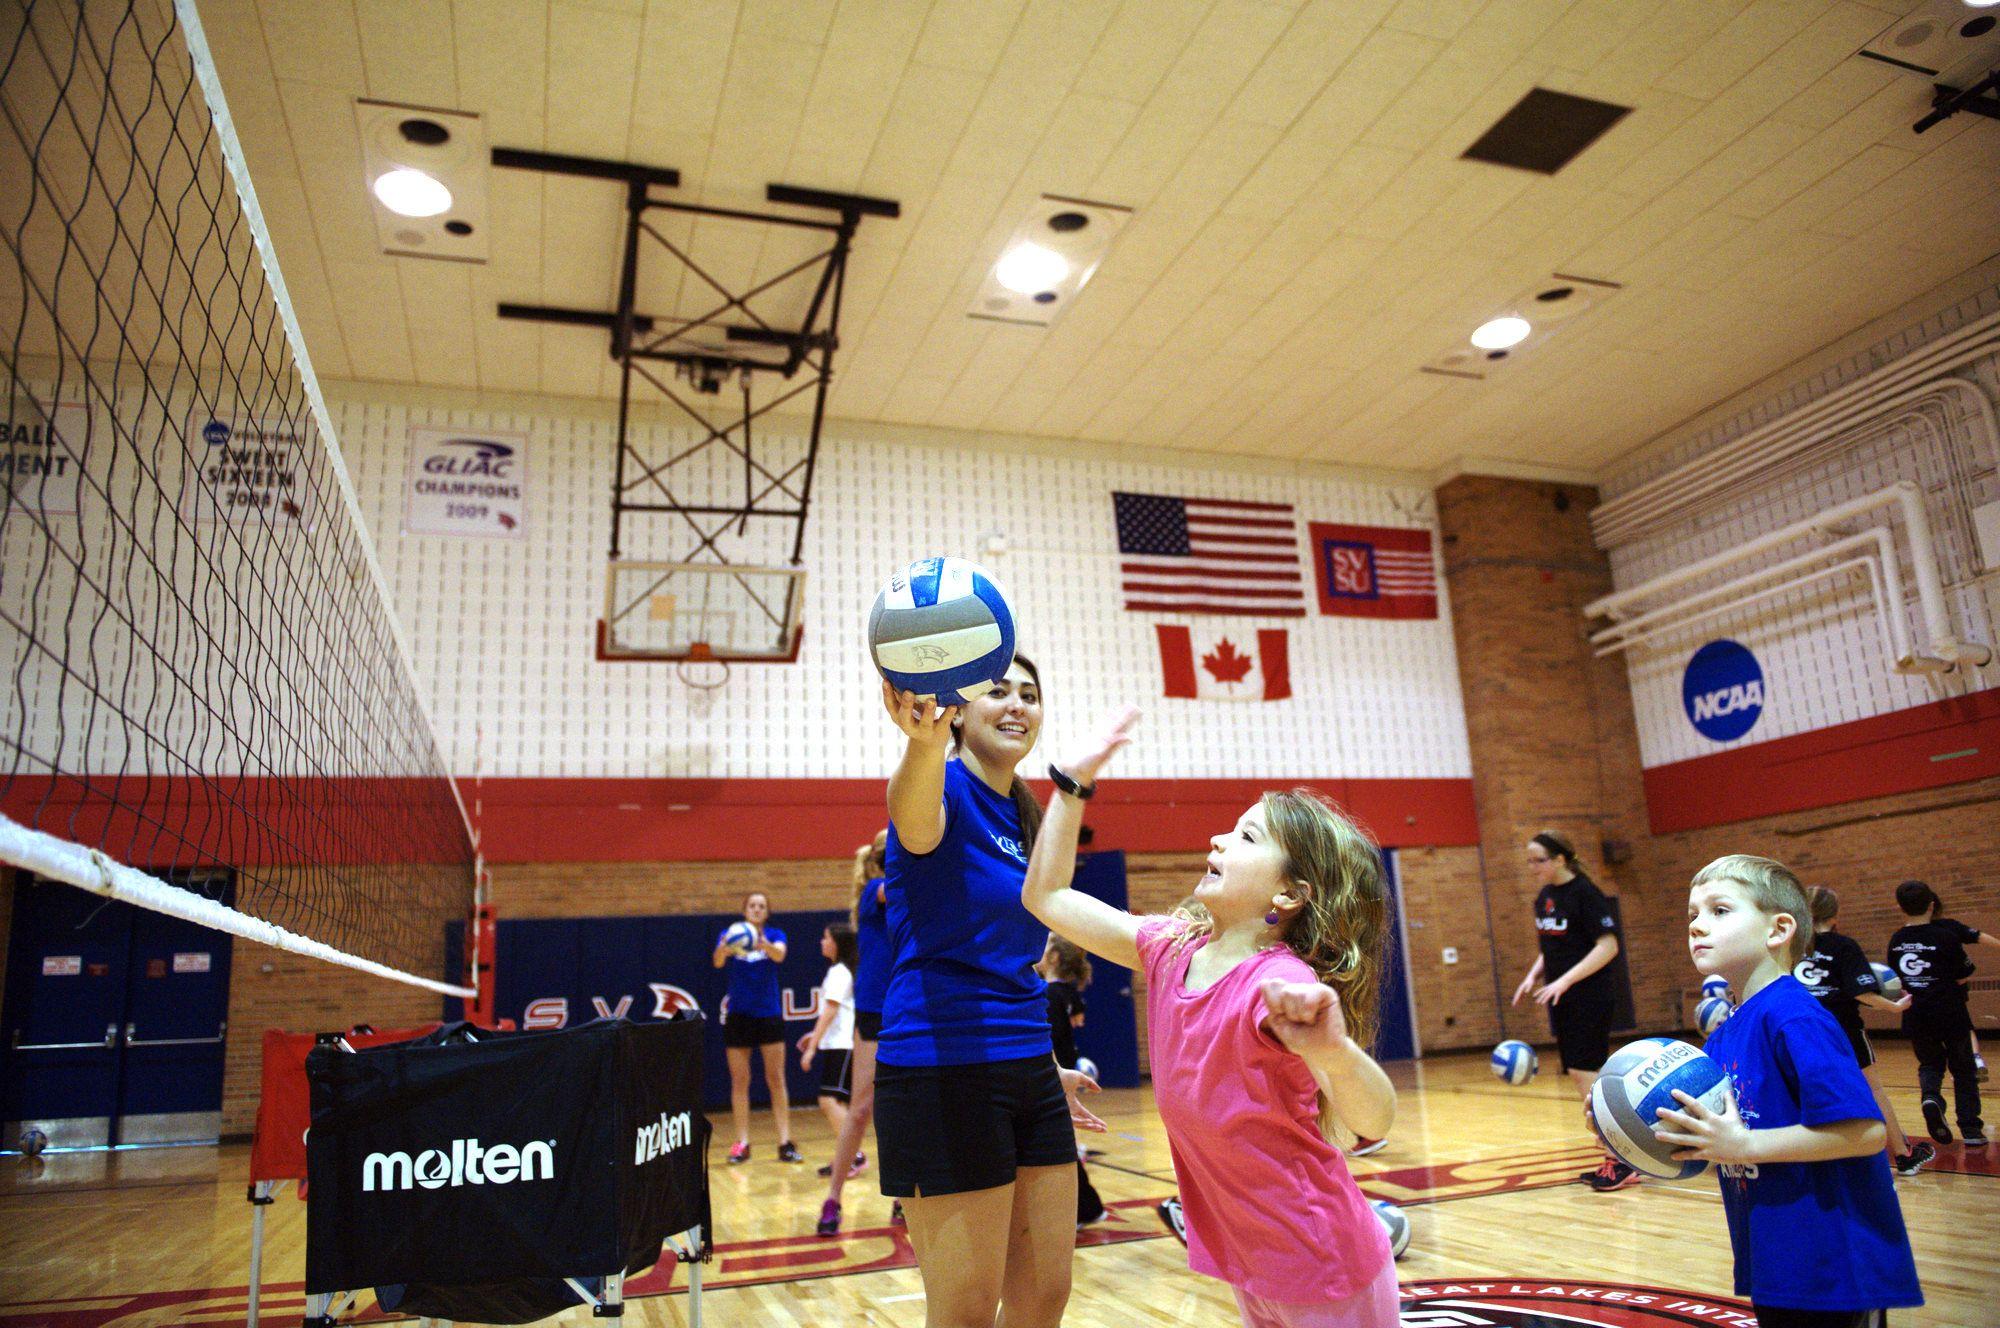 Svsu Volleyball Community Youth Day Sports Youth Day Athlete